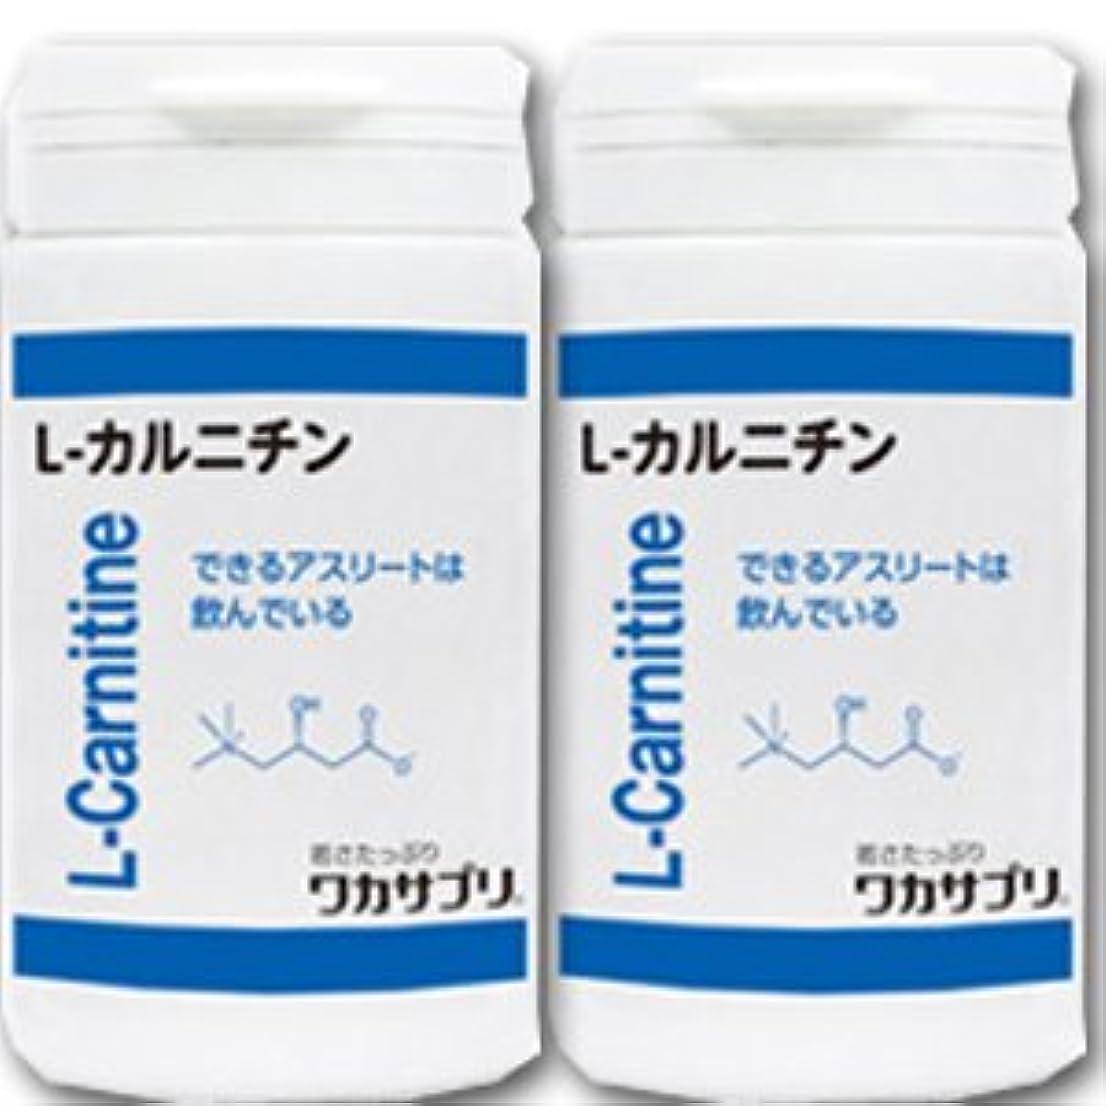 動員する熟練した粘土【2個】 ワカサプリ L-カルニチン 60粒x2個(4562137413703)